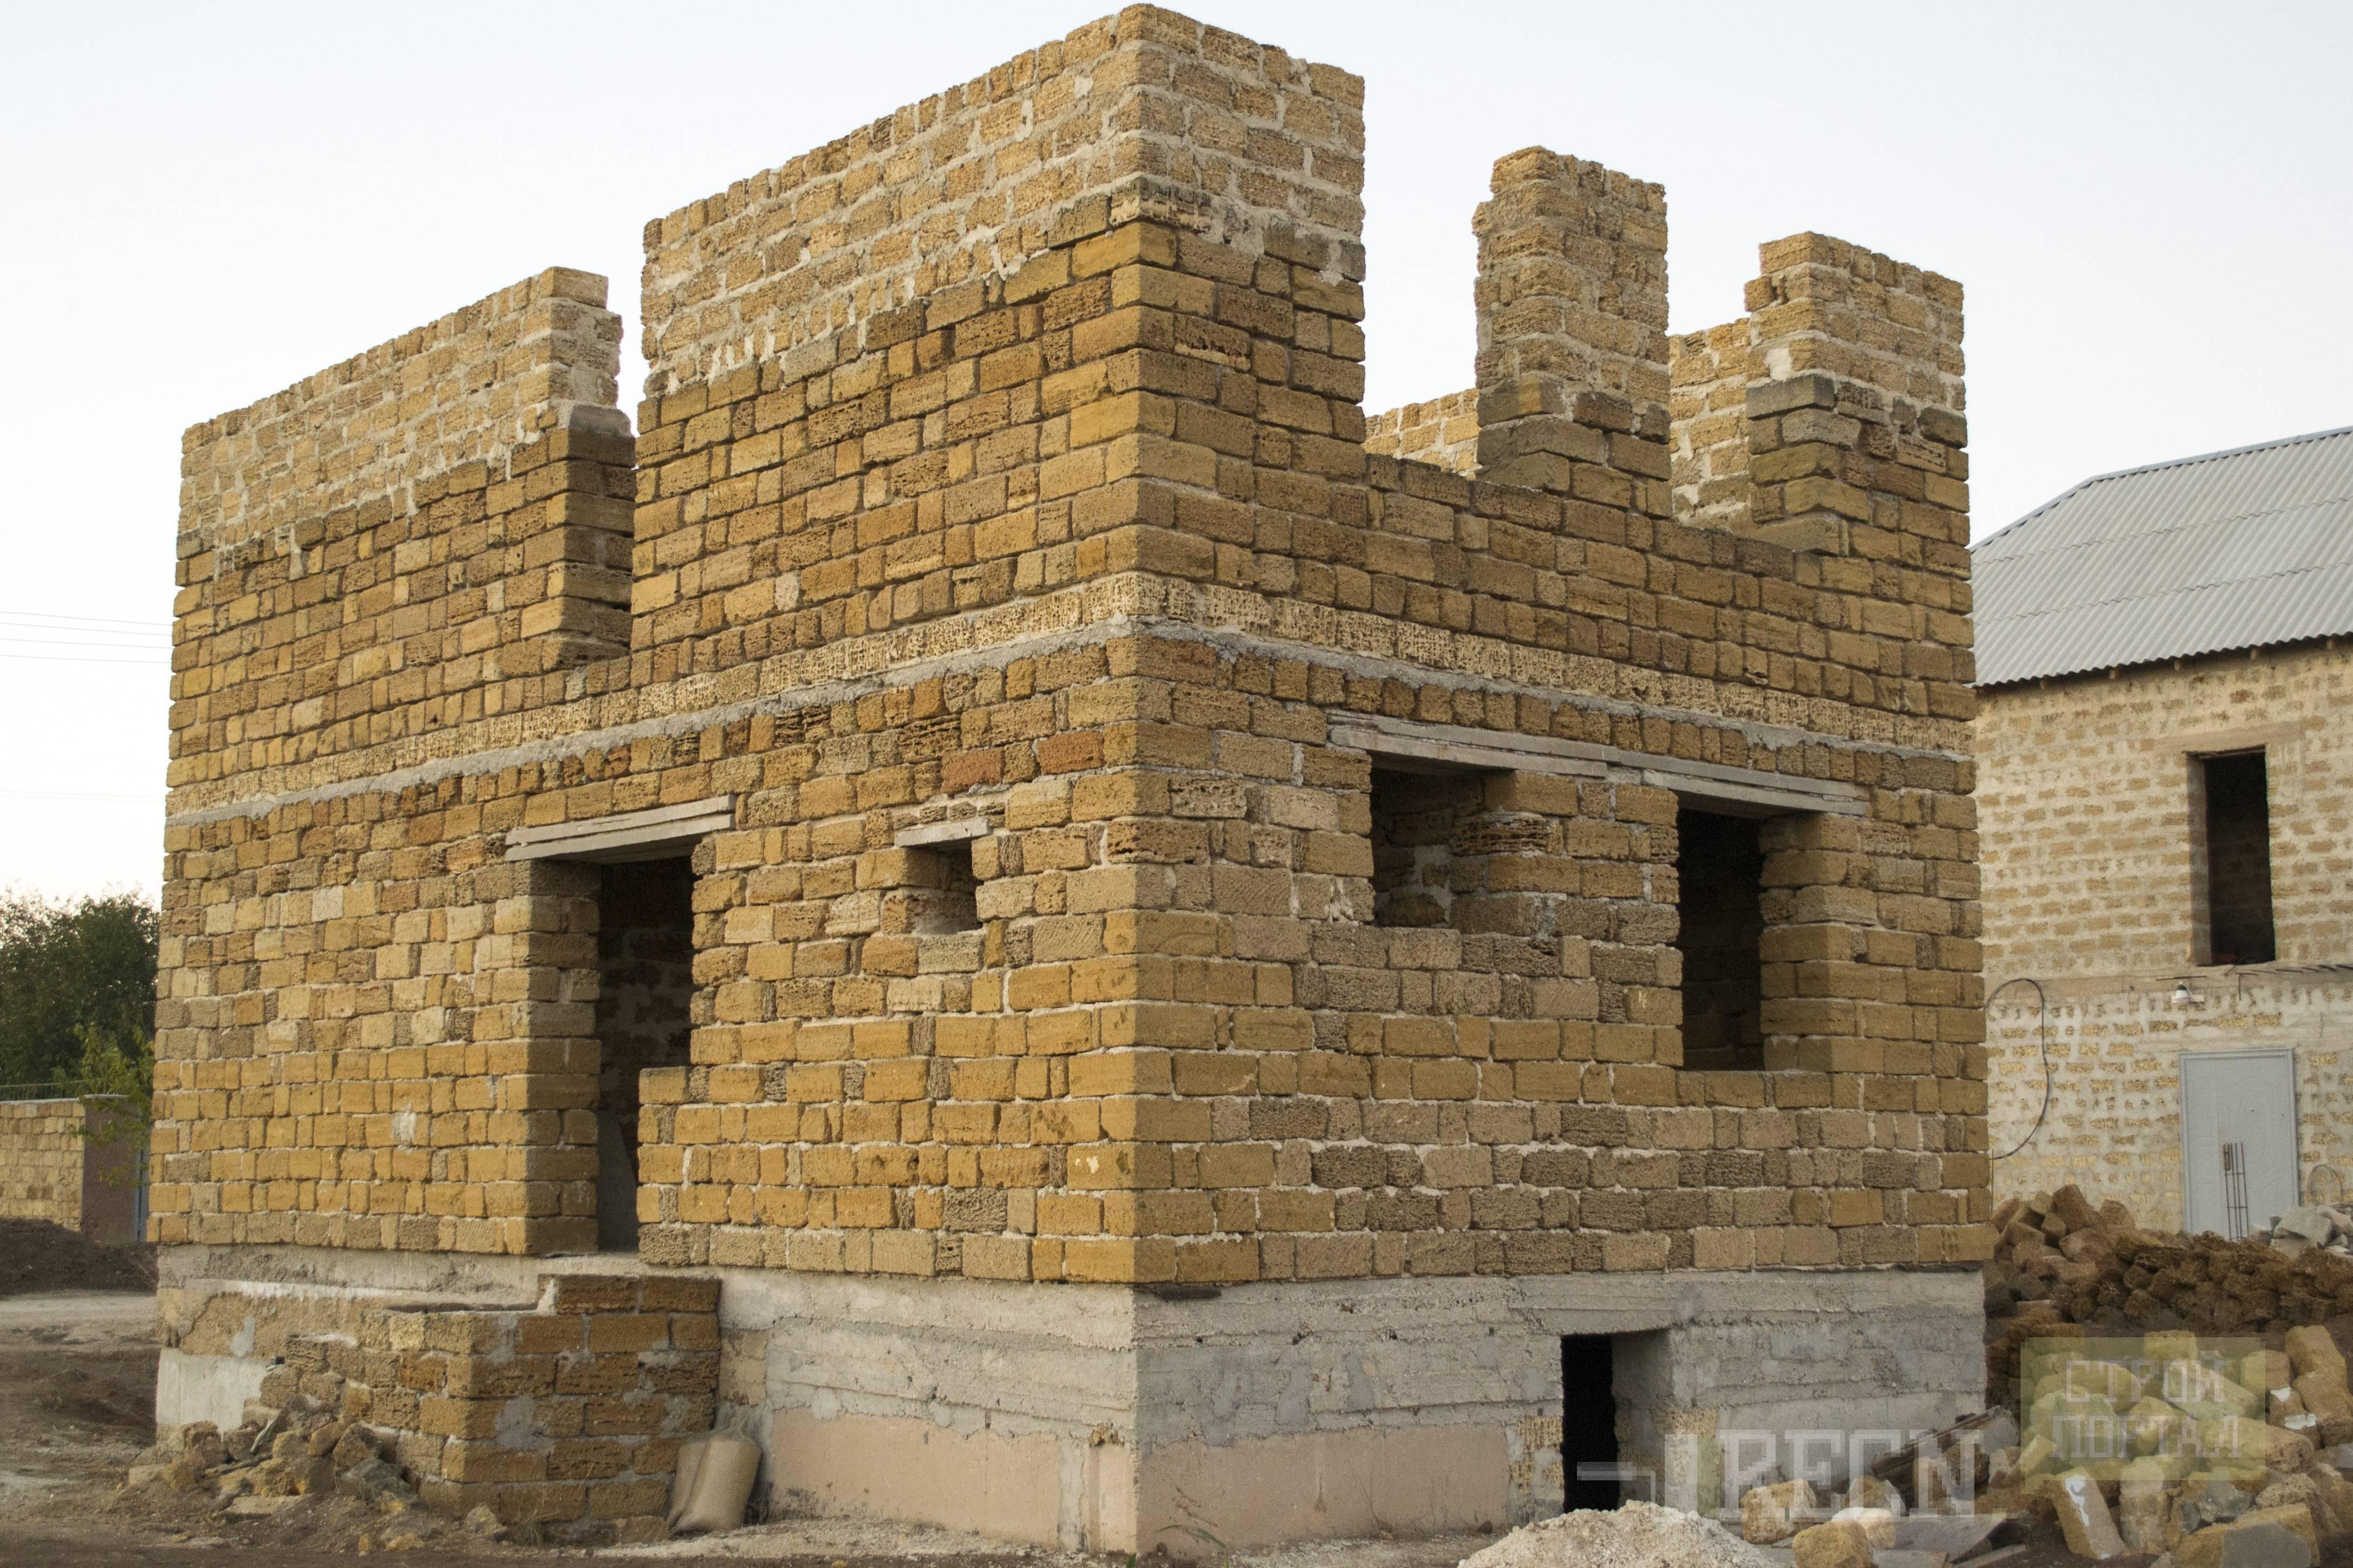 Дом из камня ракушечника. строительство дома из ракушняка: характеристики и преимущества. что за материал такой